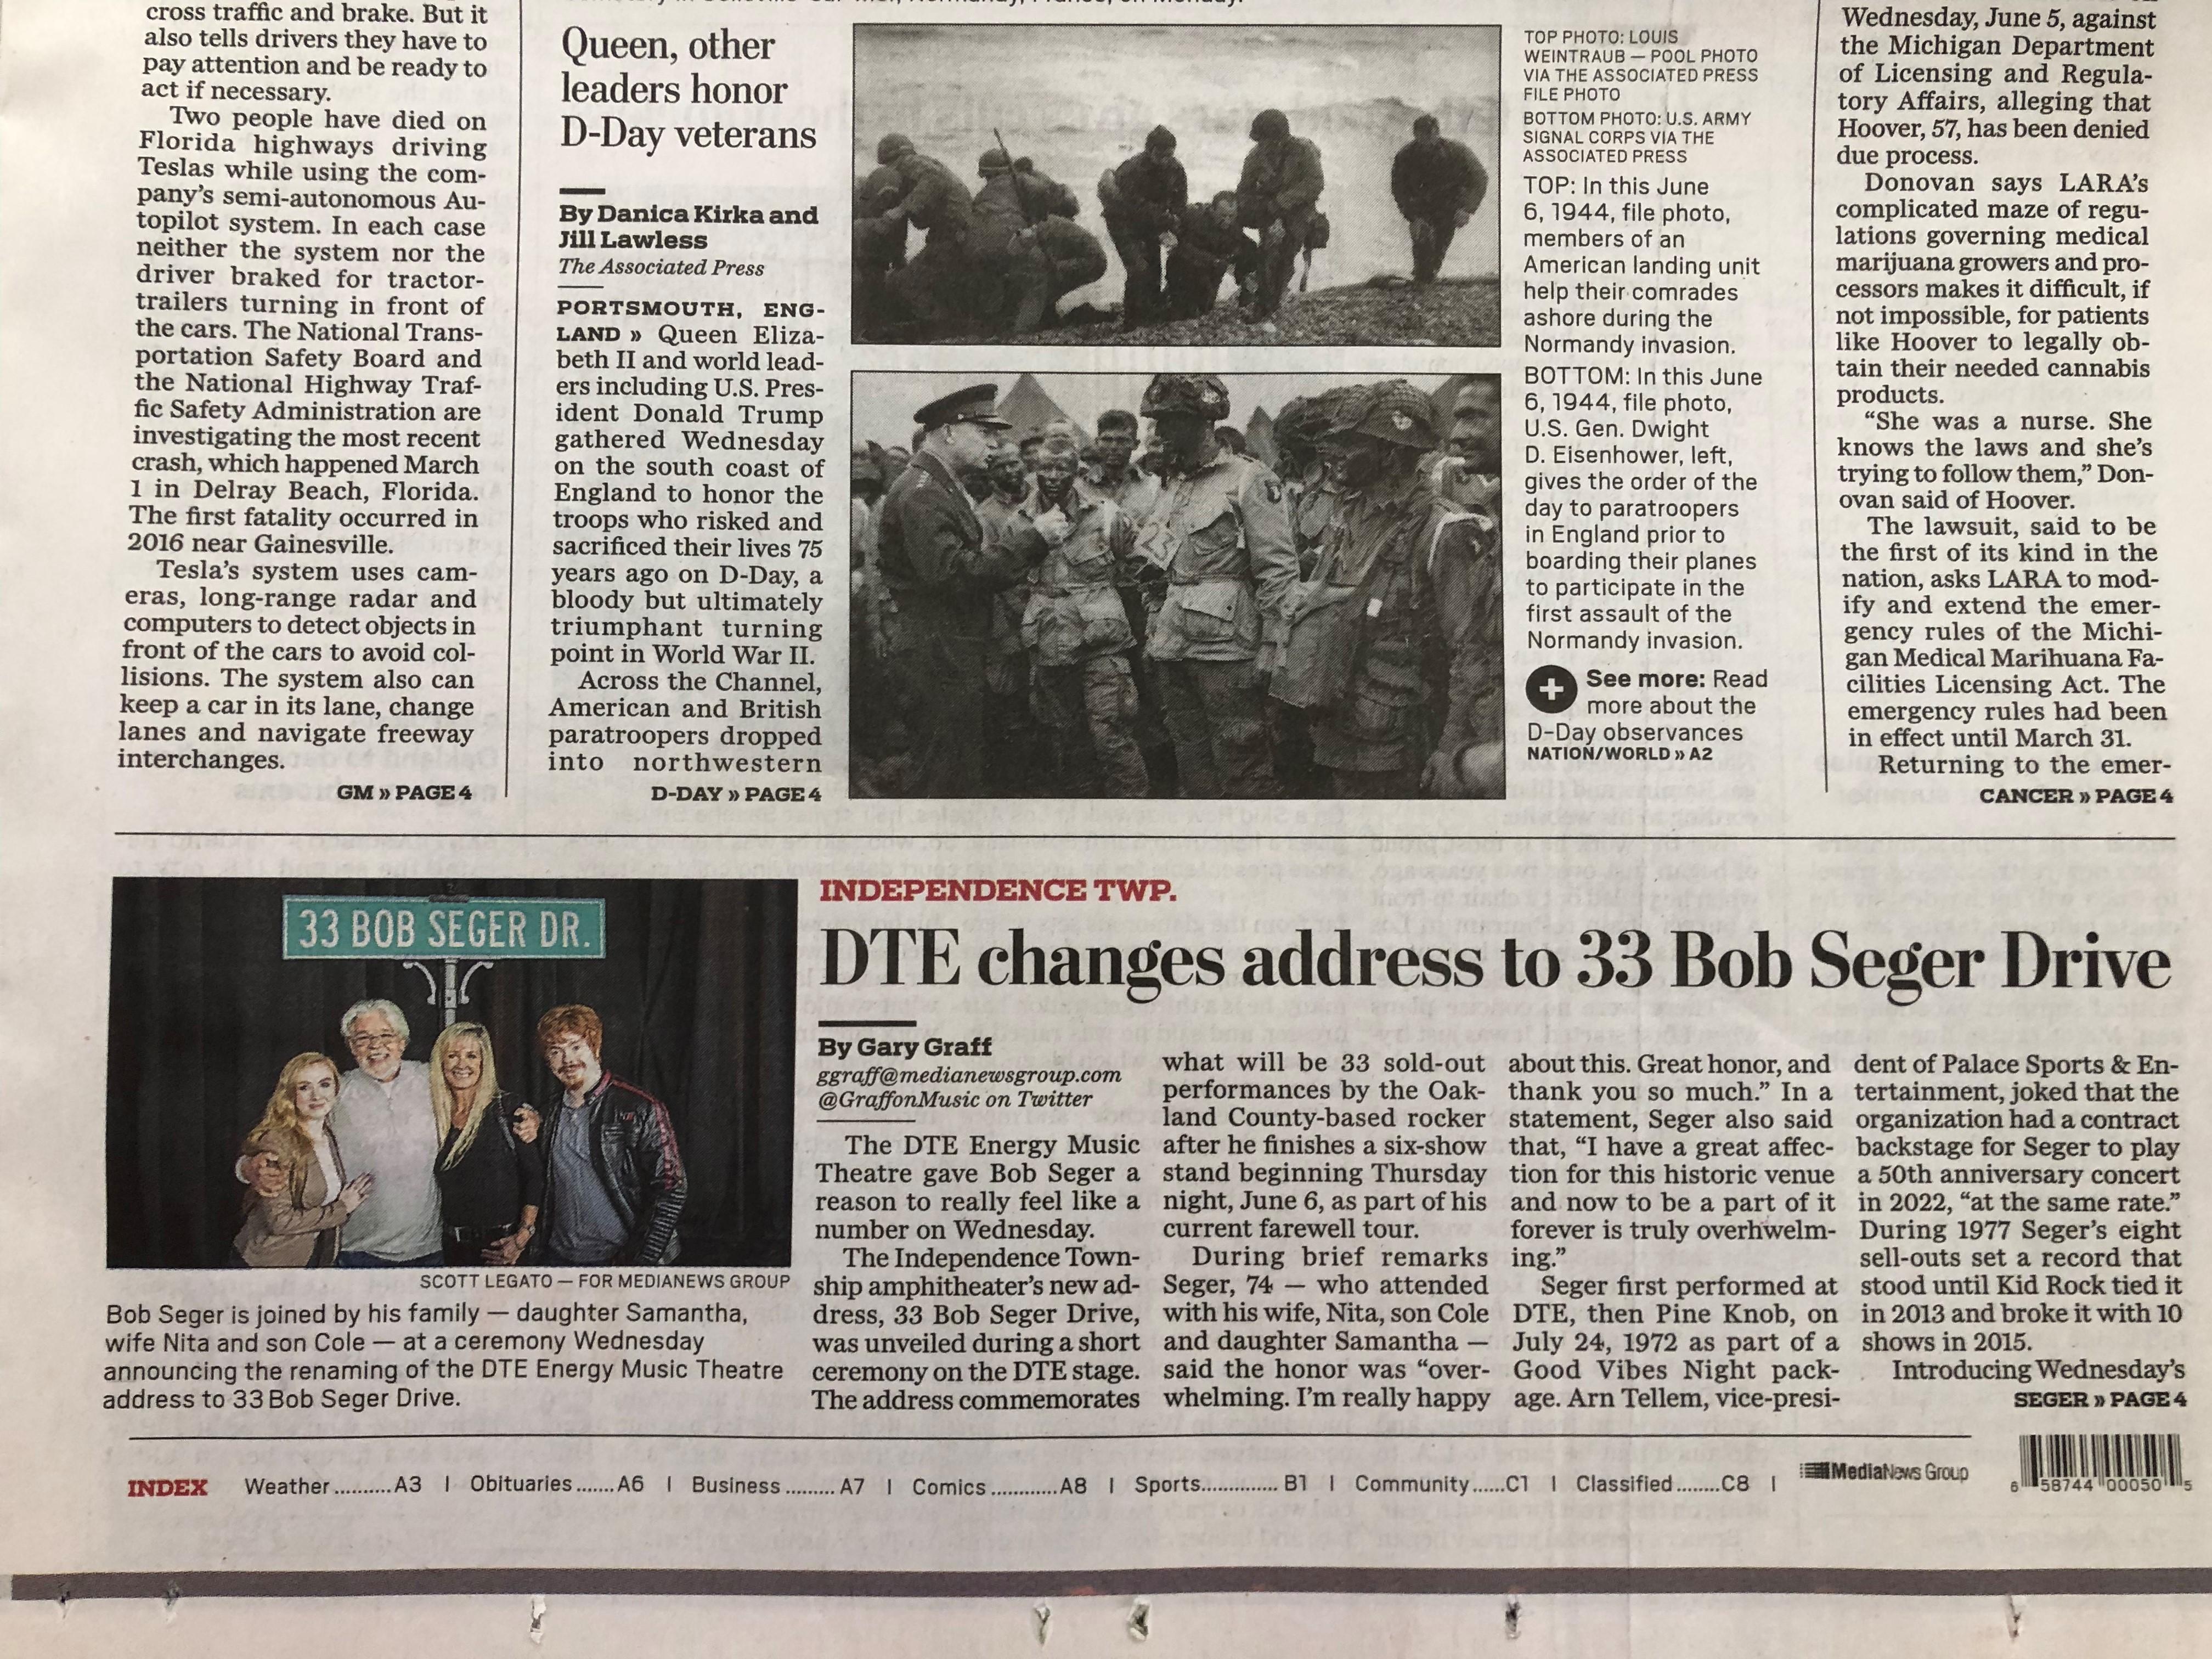 Bob Seger - Oakland Press